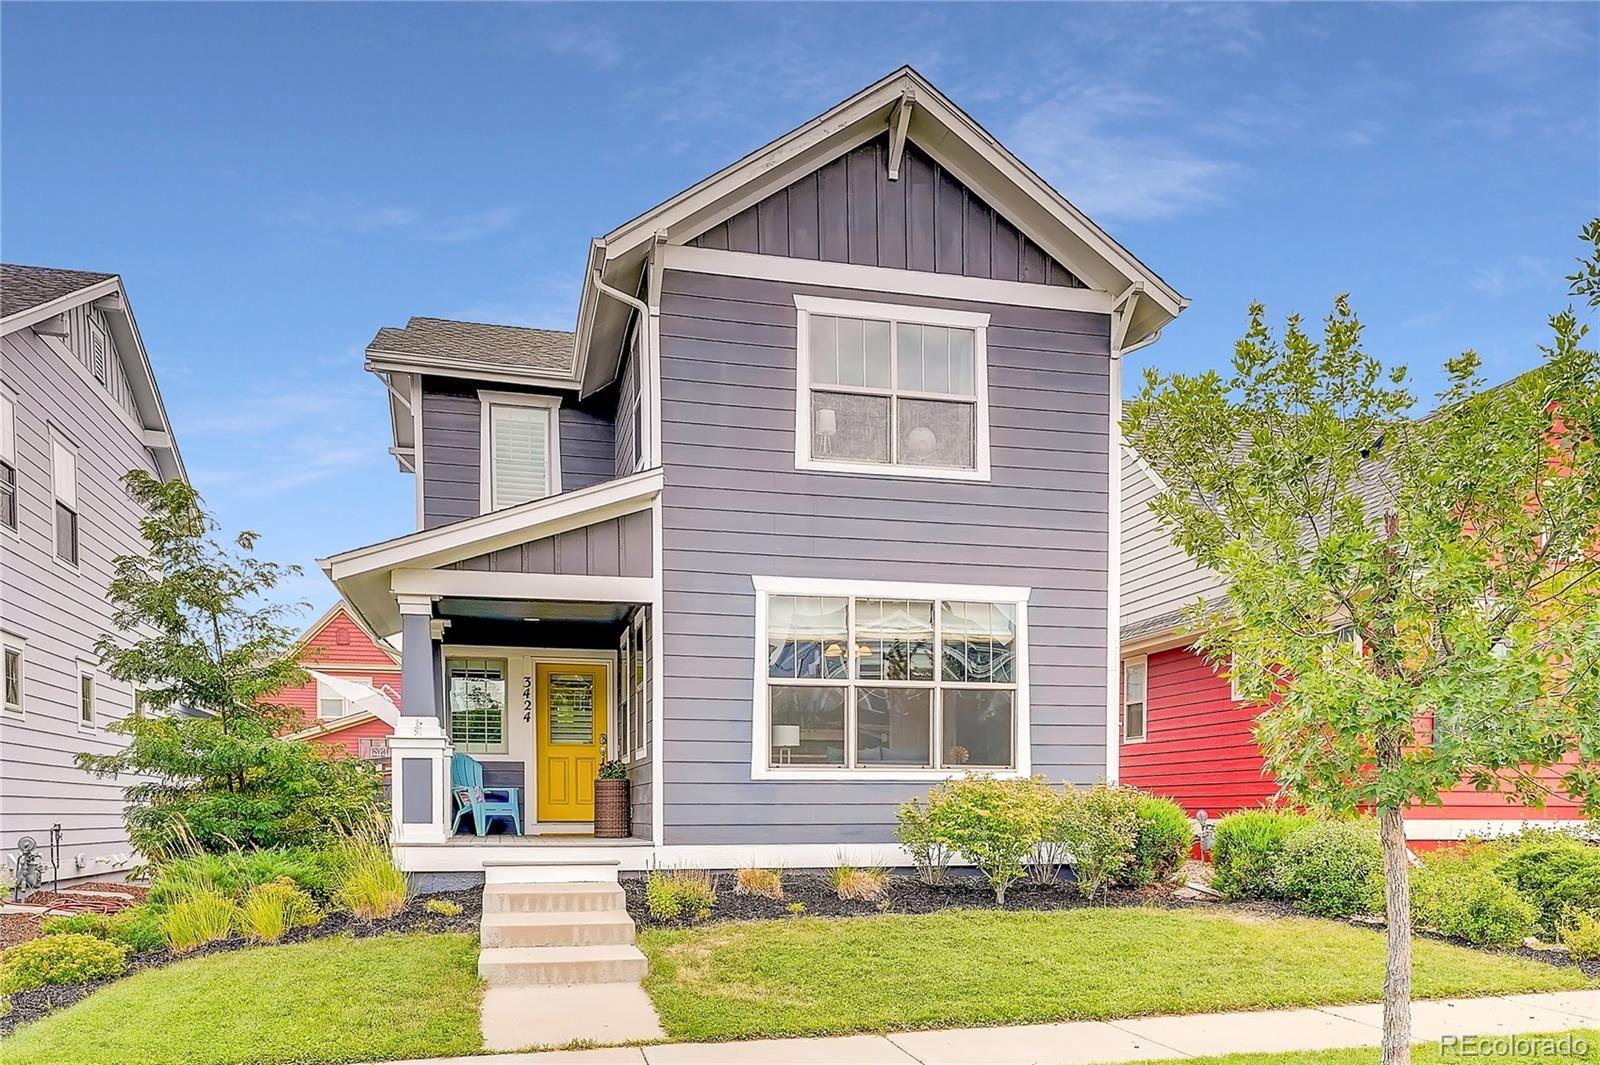 3424 Wabash Street, Denver, CO 80238 - #: 4475942